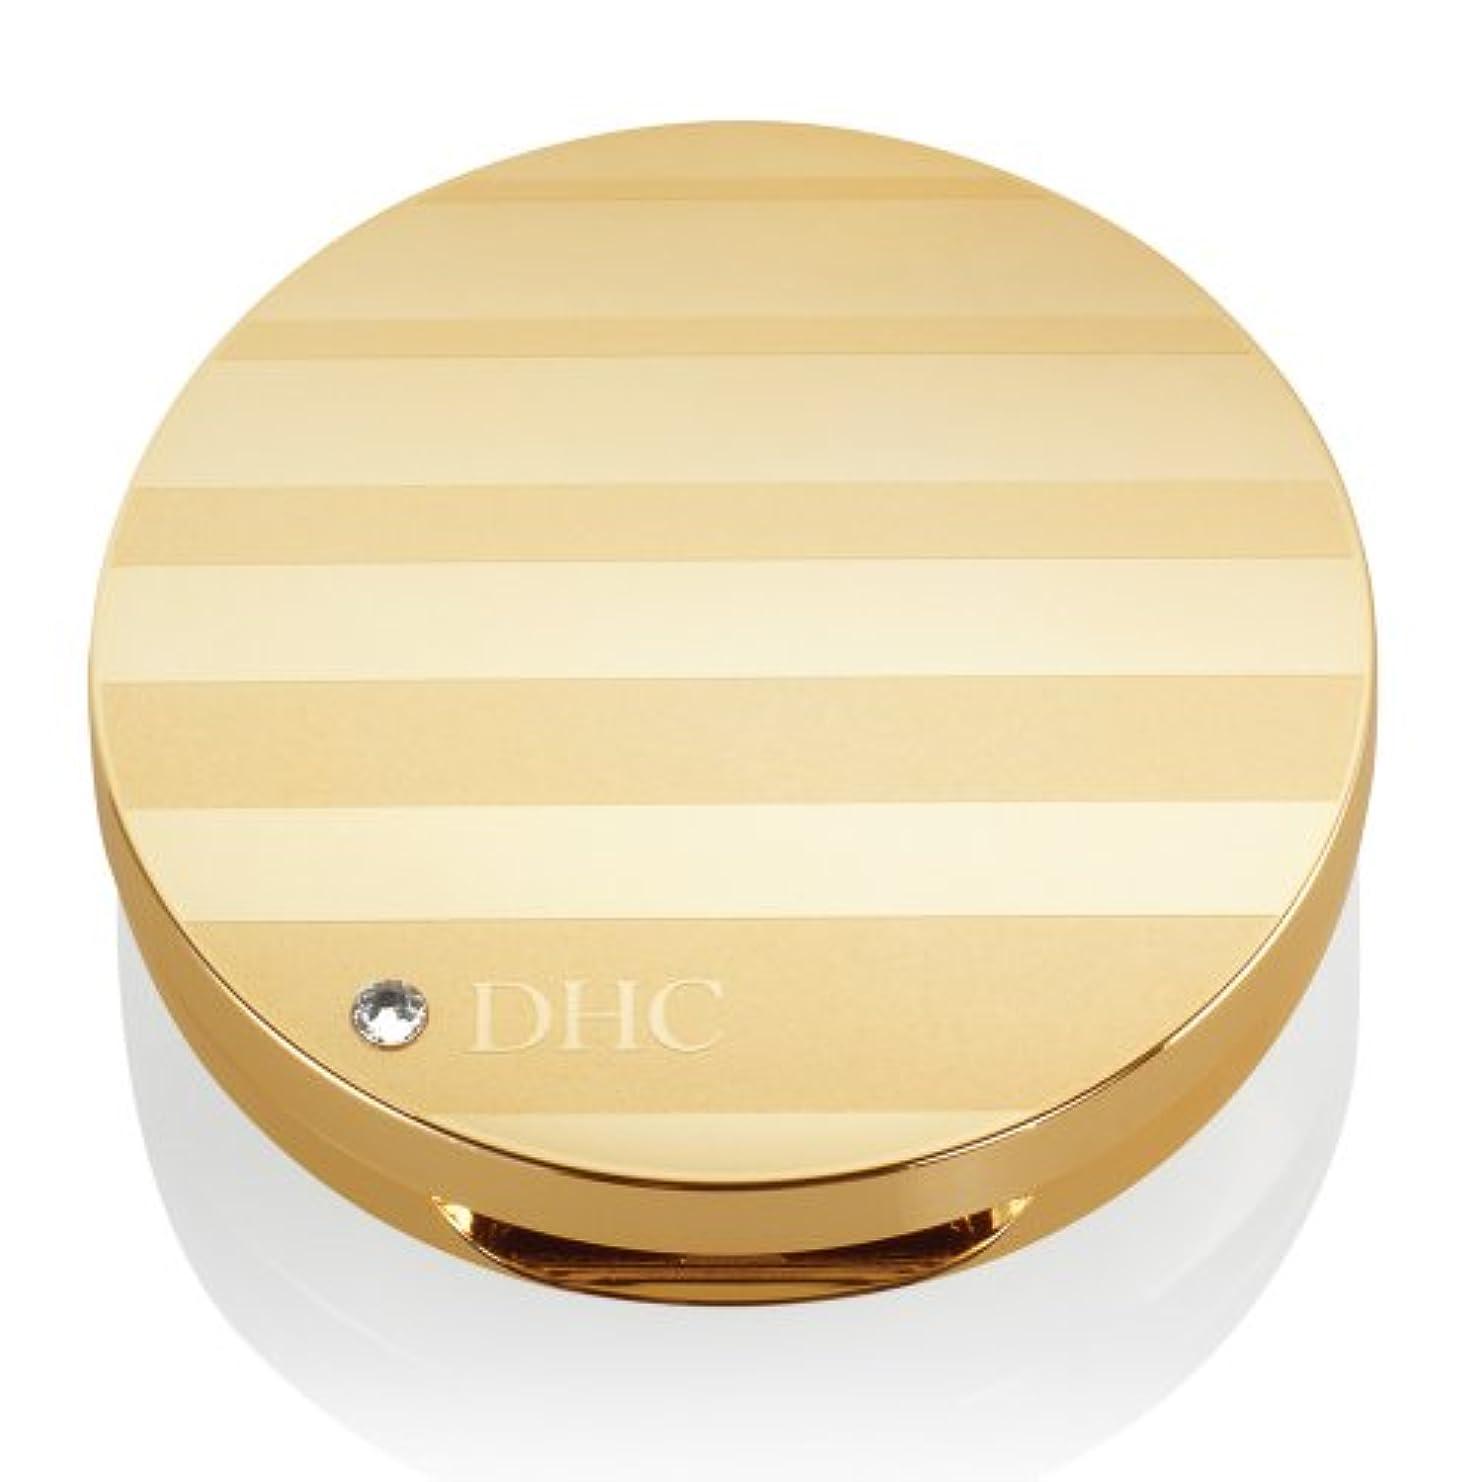 変動する小人適度にDHC BB ミネラルパウダーGE 専用コンパクト